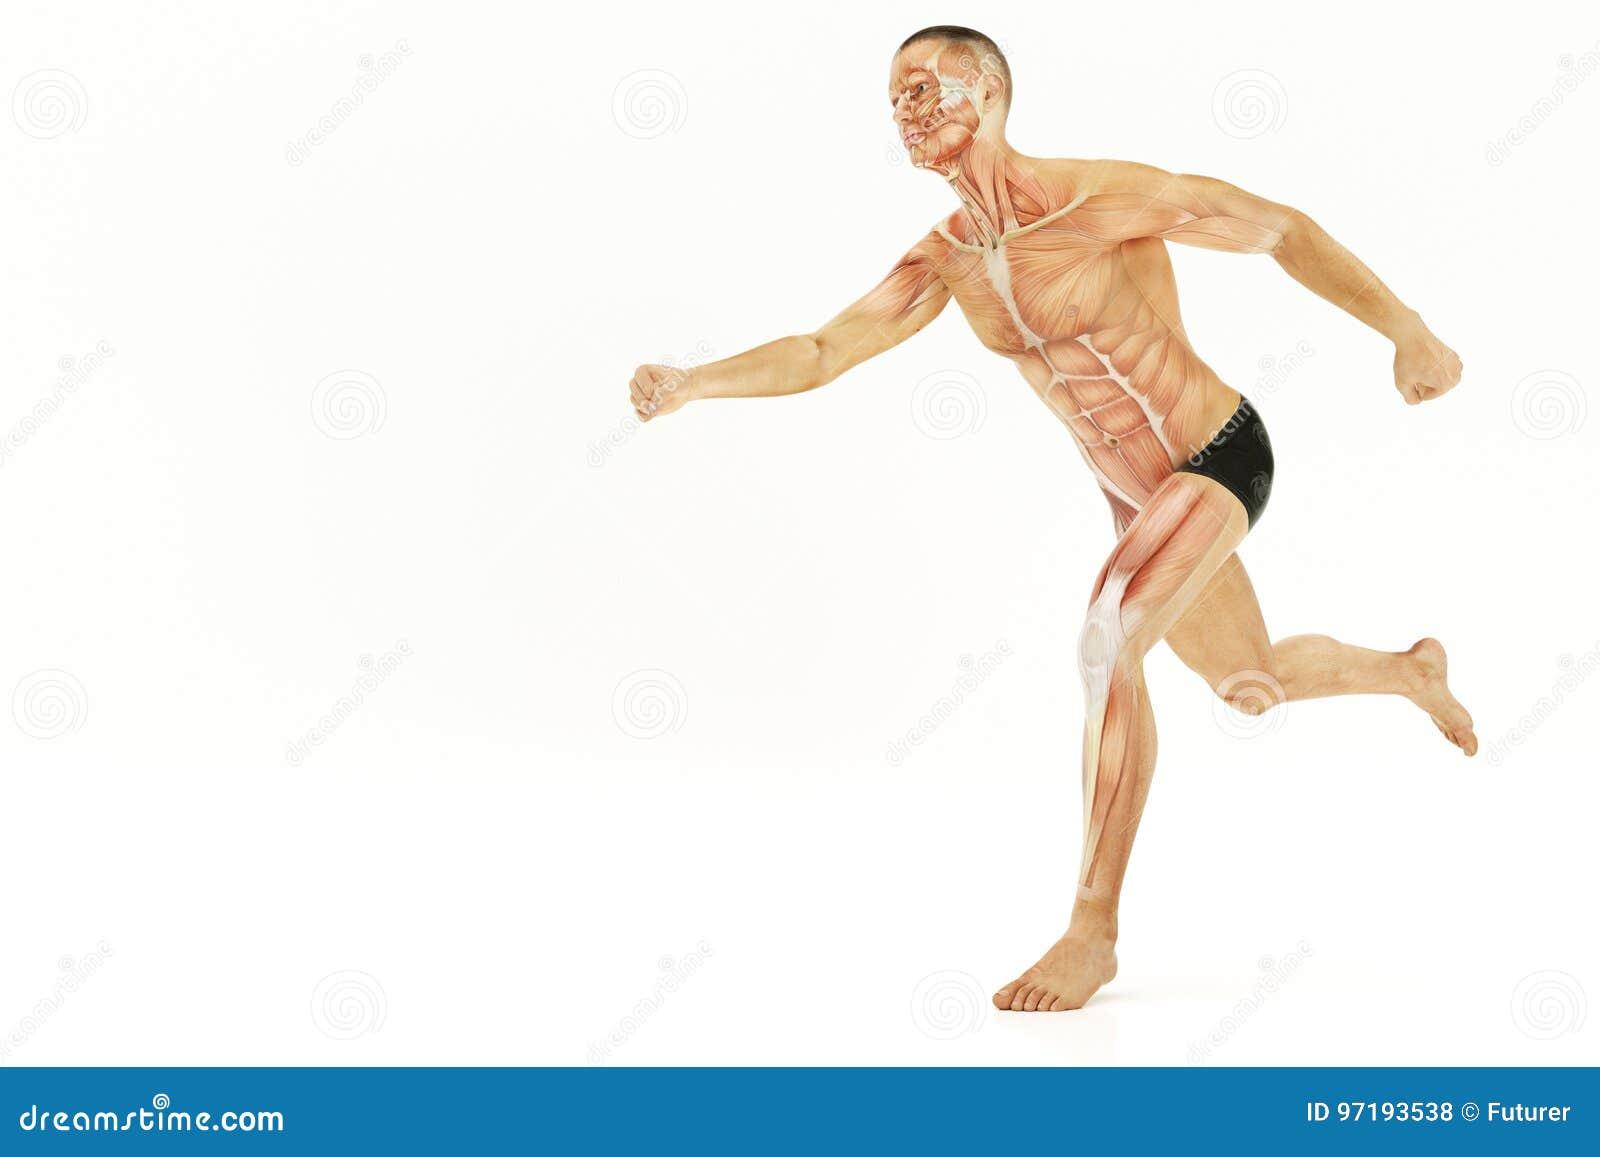 Anatomie Des Betriebs Des Menschlichen Körpers, Muskeln 3D ...